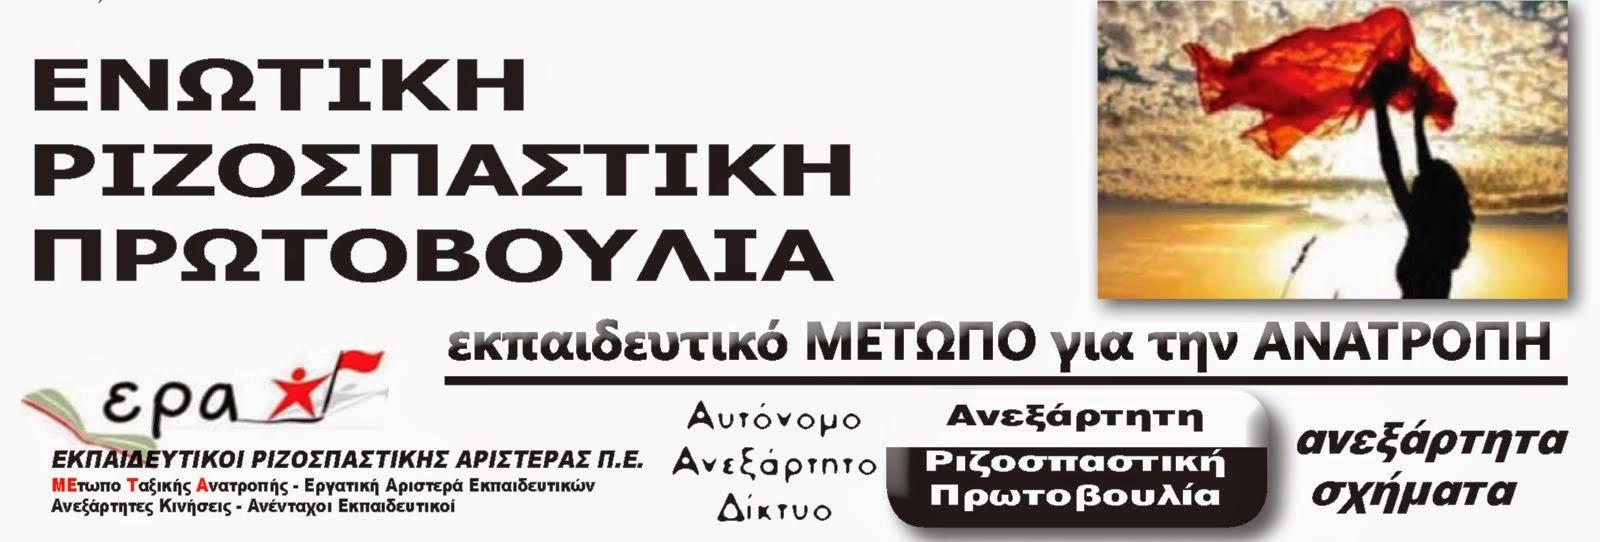 ΕΝΩΤΙΚΗ ΡΙΖΟΣΠΑΣΤΙΚΗ ΠΡΩΤΟΒΟΥΛΙΑ